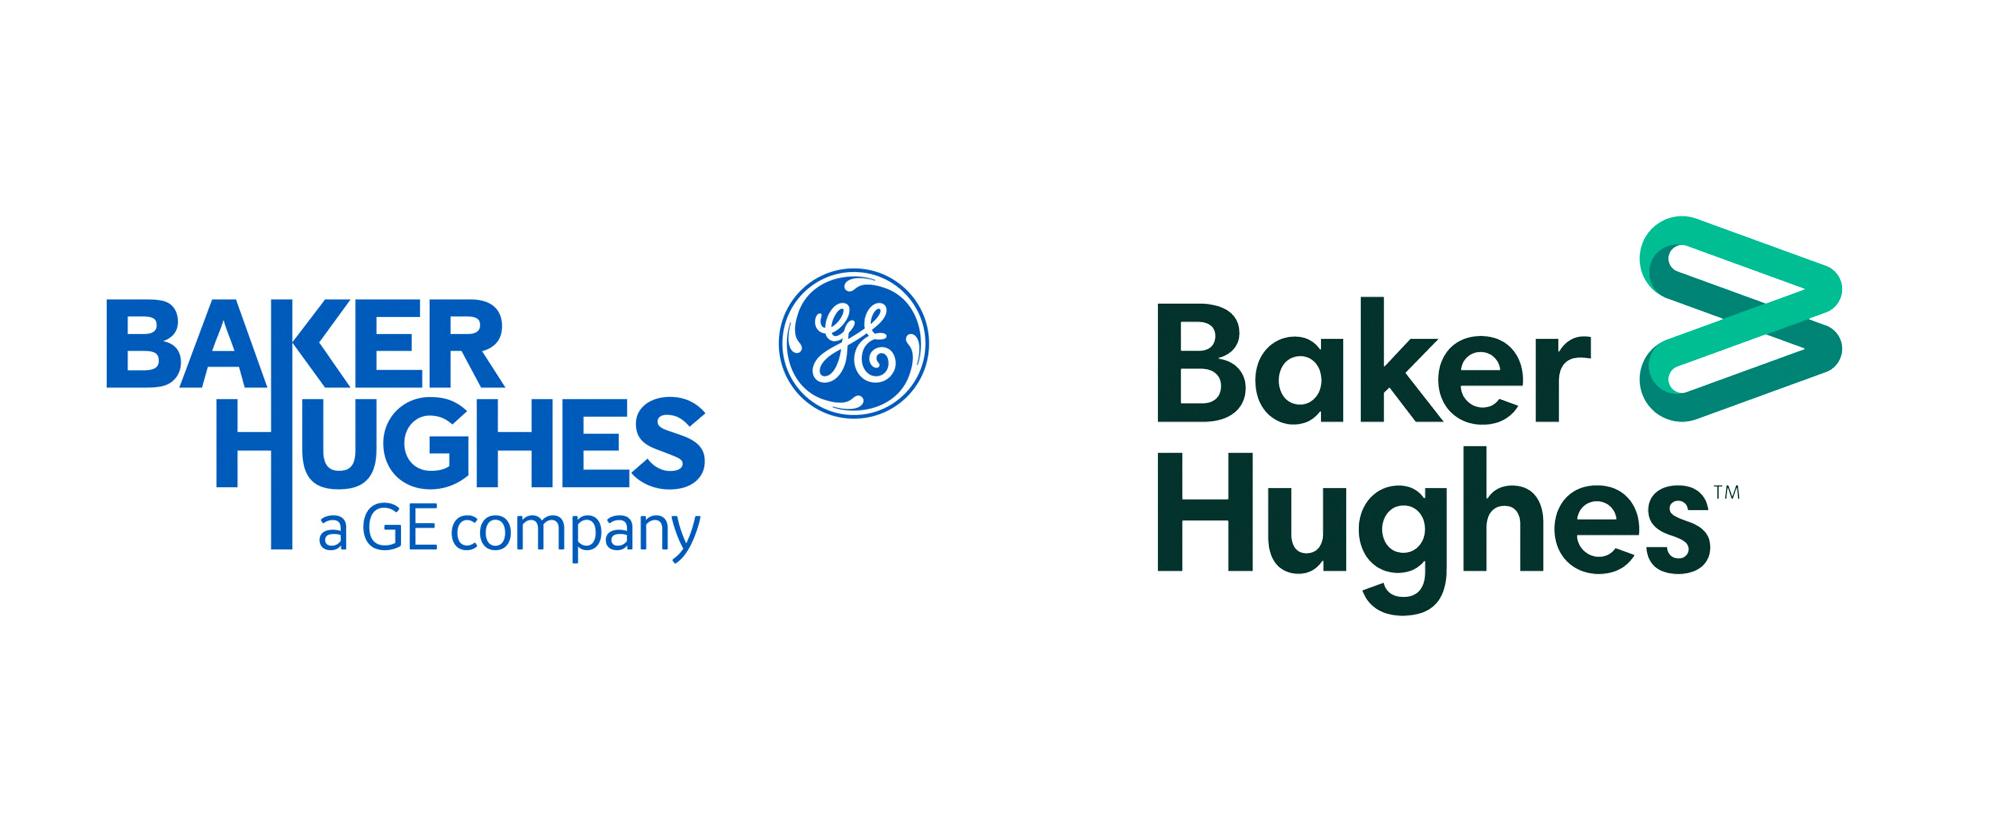 New Logo for Baker Hughes